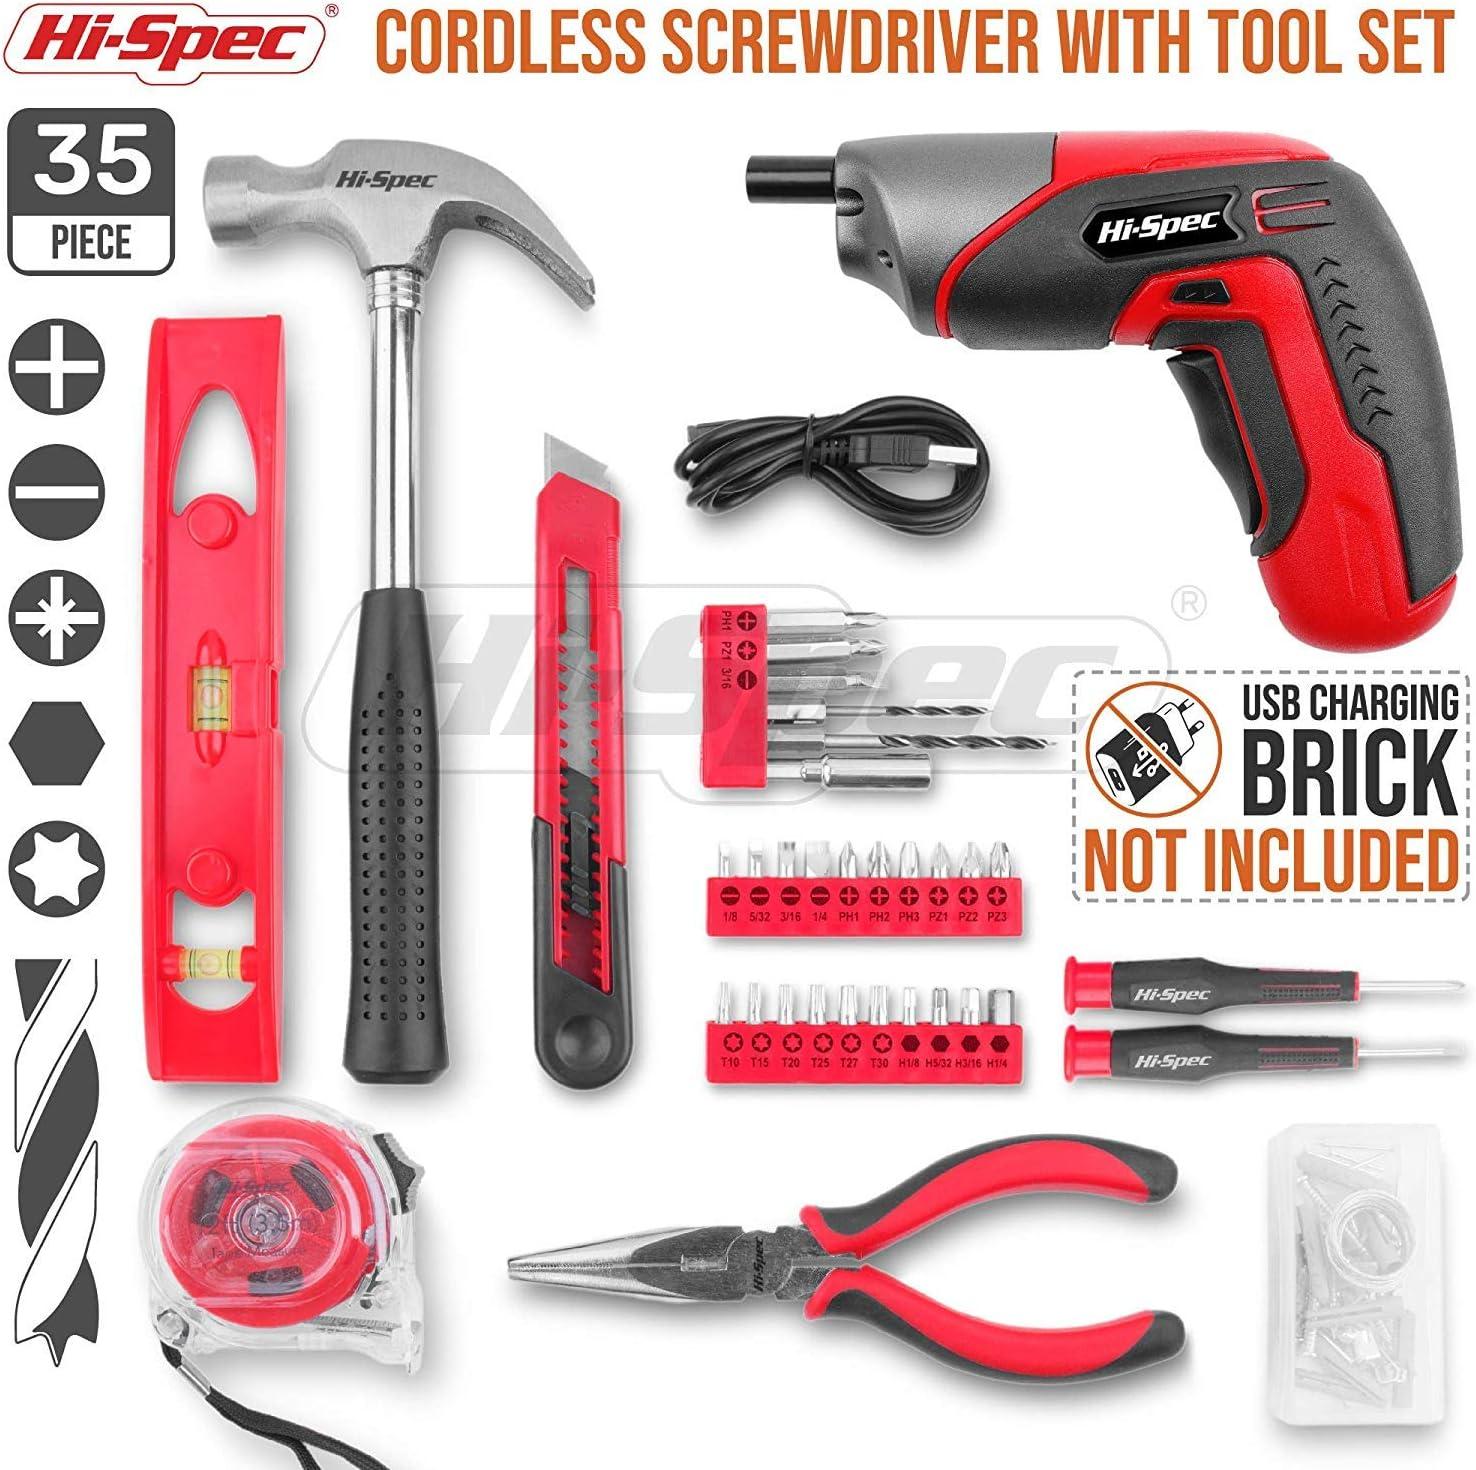 F/ür Reparaturen und Wartungen in einem praktischen Koffer Hi-Spec 35-teiliges Pink-Rosa Heimwerker-Werkzeugset mit wiederaufladbarem USB-Akkuschrauber F/ür Frauen und M/ädchen